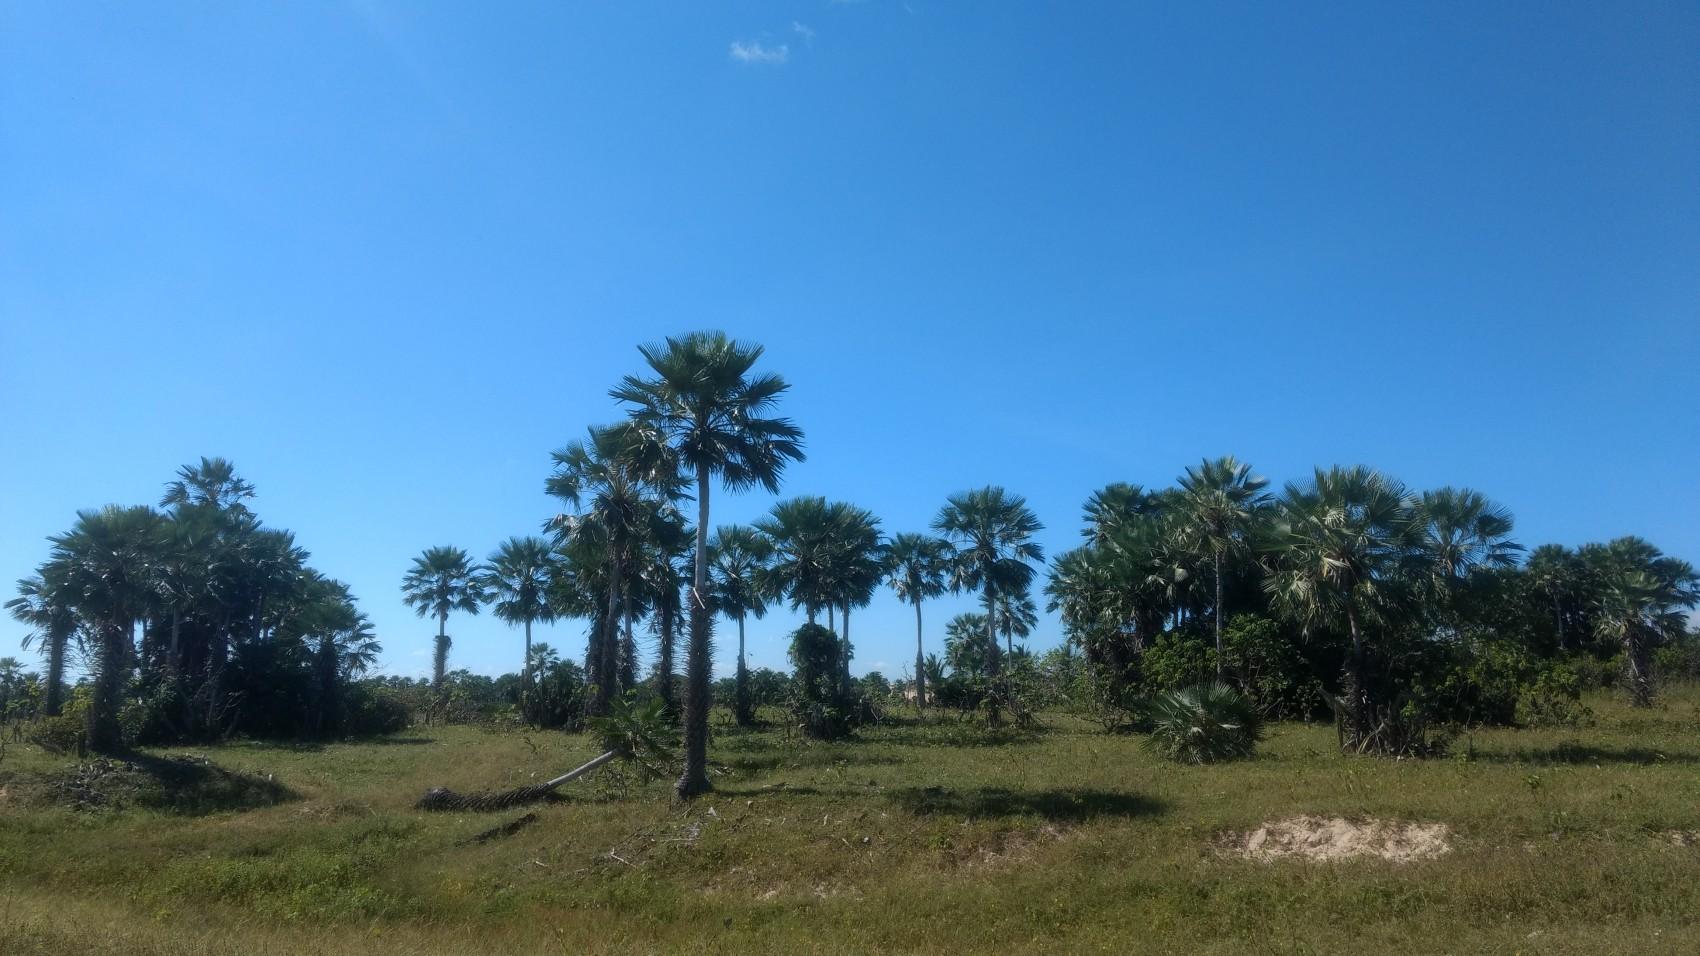 Figura 20 – Carnaubais típicos no litoral do Piauí em Barra Grande, PI. Fonte: Arquivo pessoal.